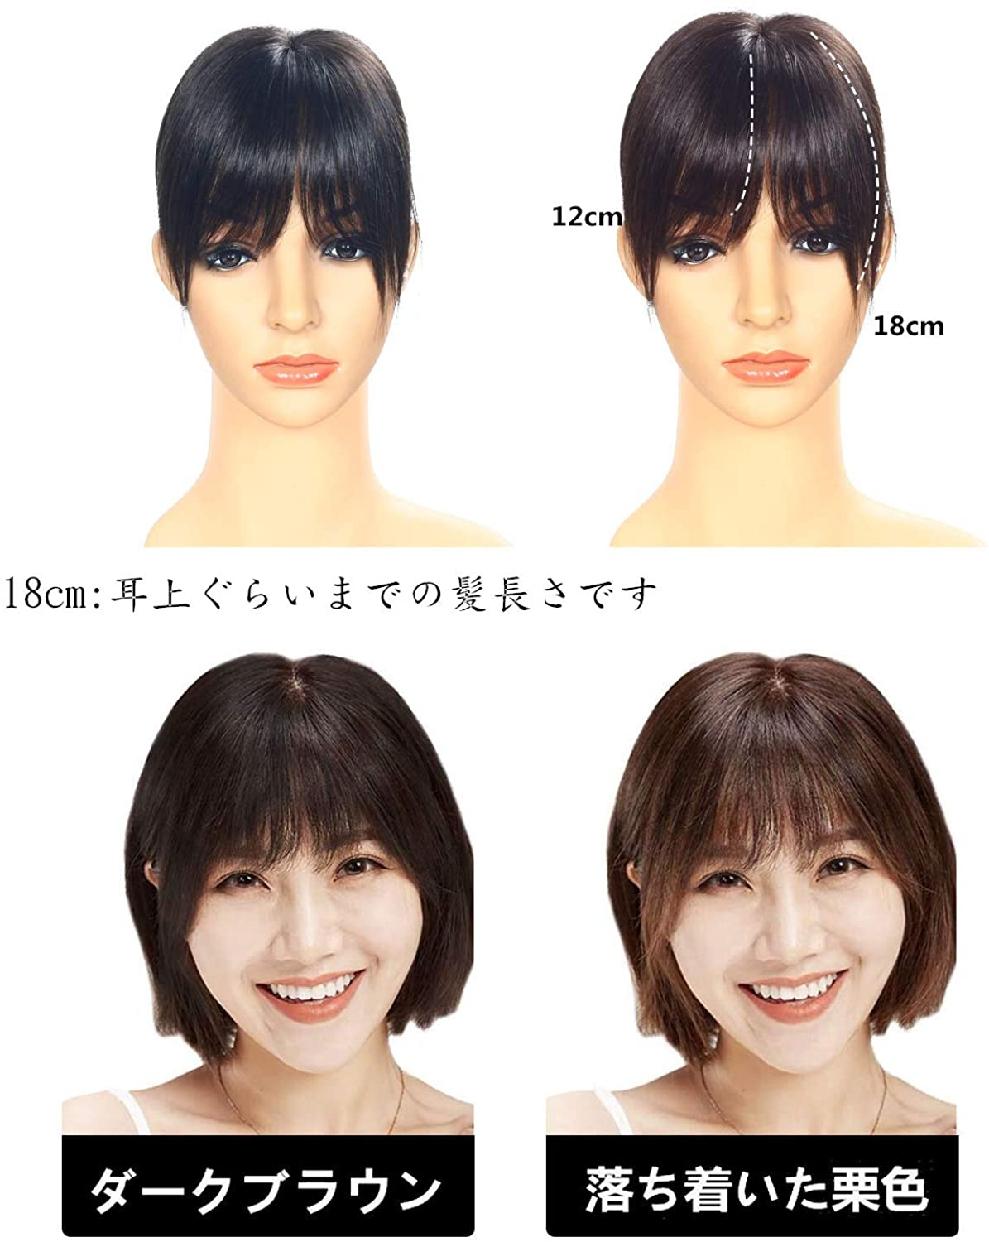 HIYE(ハイヤ) 前髪 つむじ ヘアピース 部分ウィッグの商品画像2